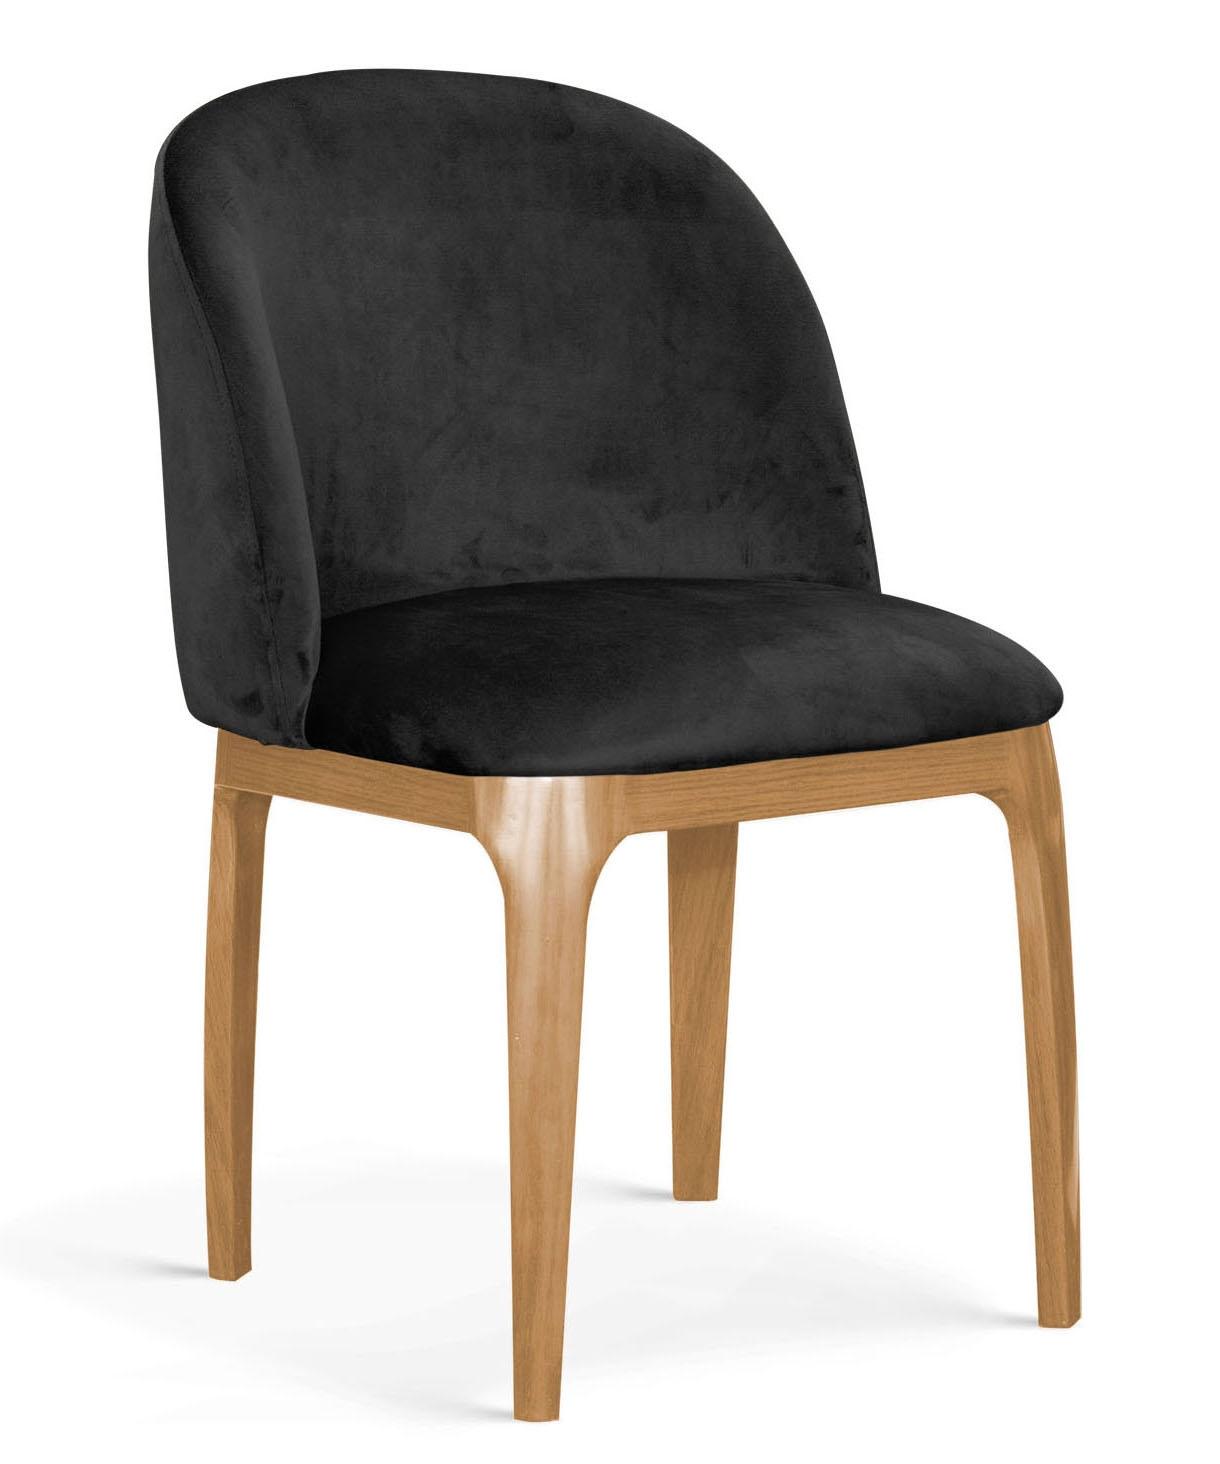 Scaun tapitat cu stofa, cu picioare metalice Grace Negru / Stejar, l53xA56xH83 cm